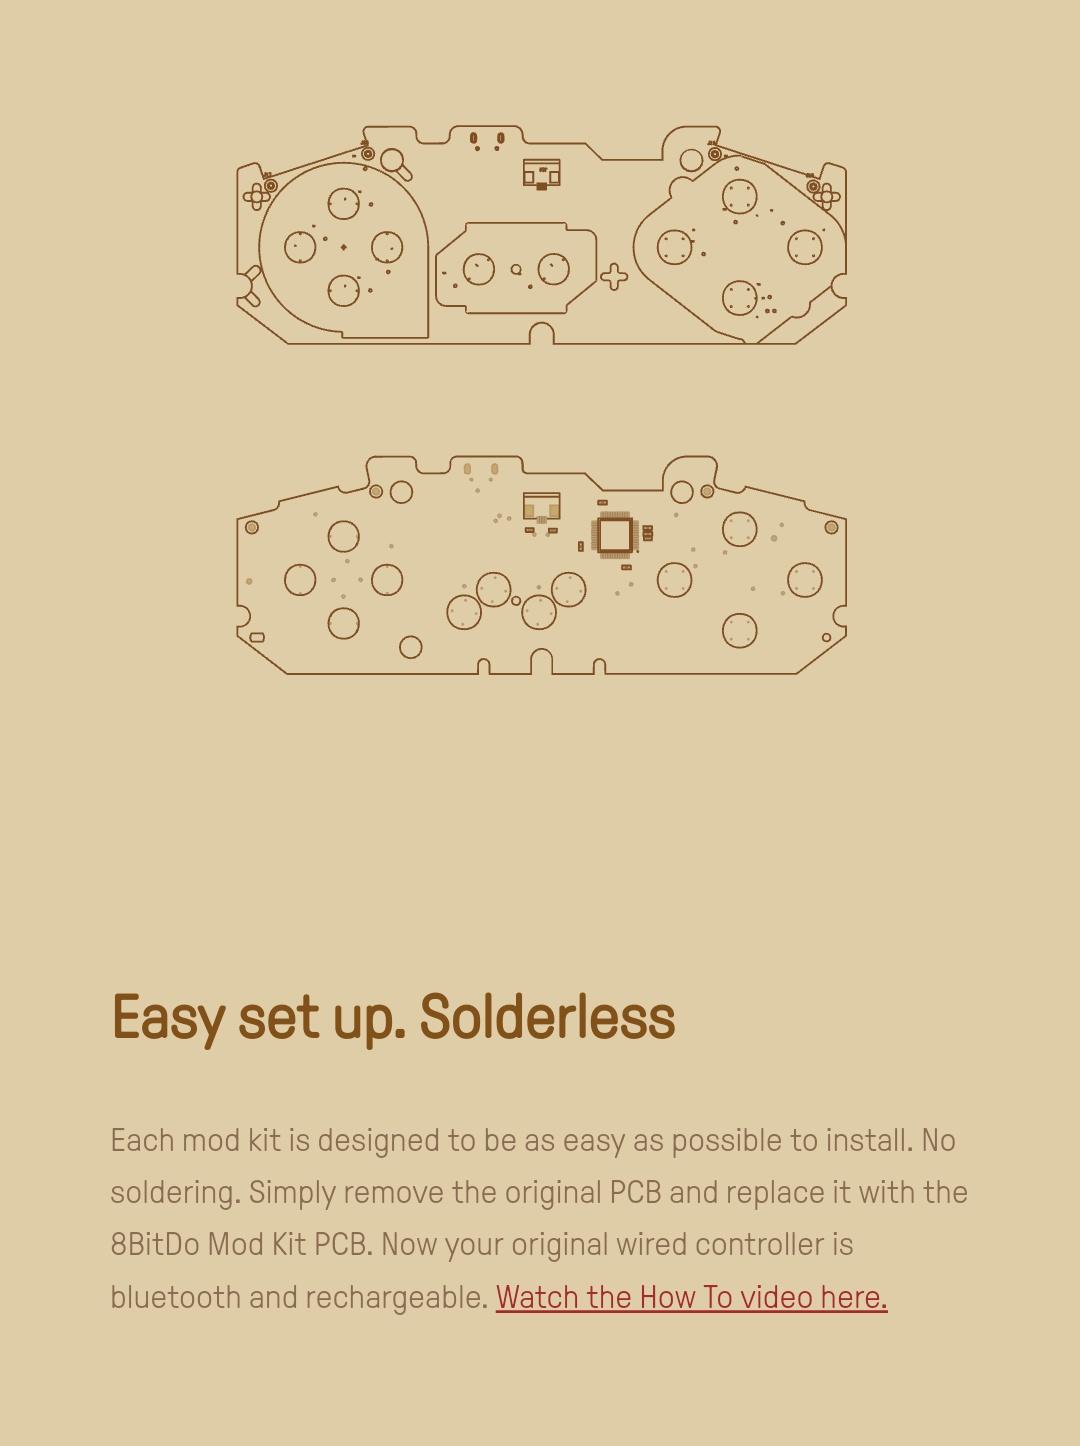 8Bitdo - Diy - Mod Kit - Snes - Belchine - 3